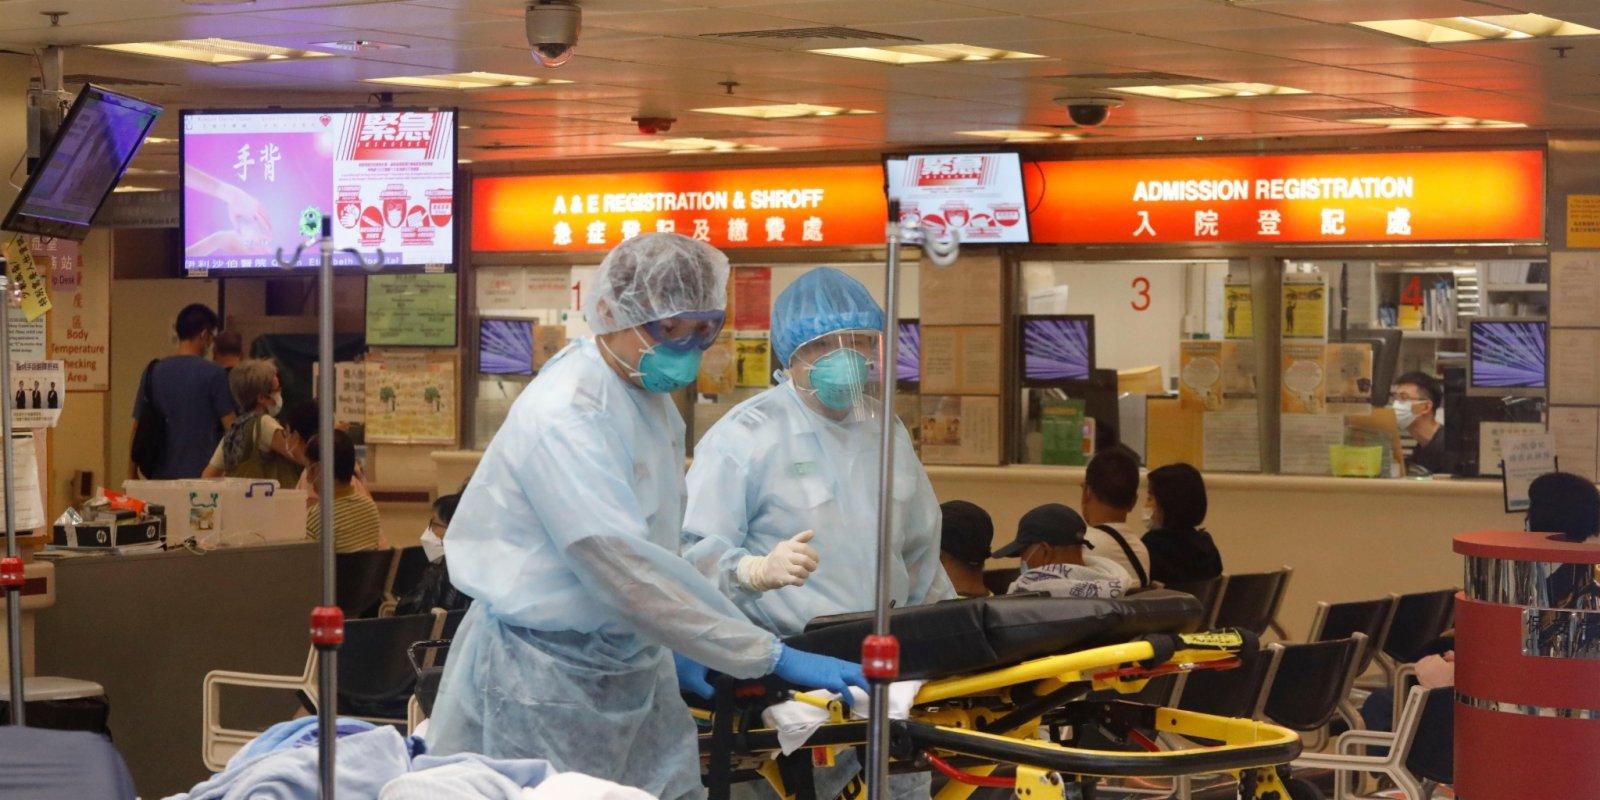 再多2名確診者出院 67人仍留醫2危殆